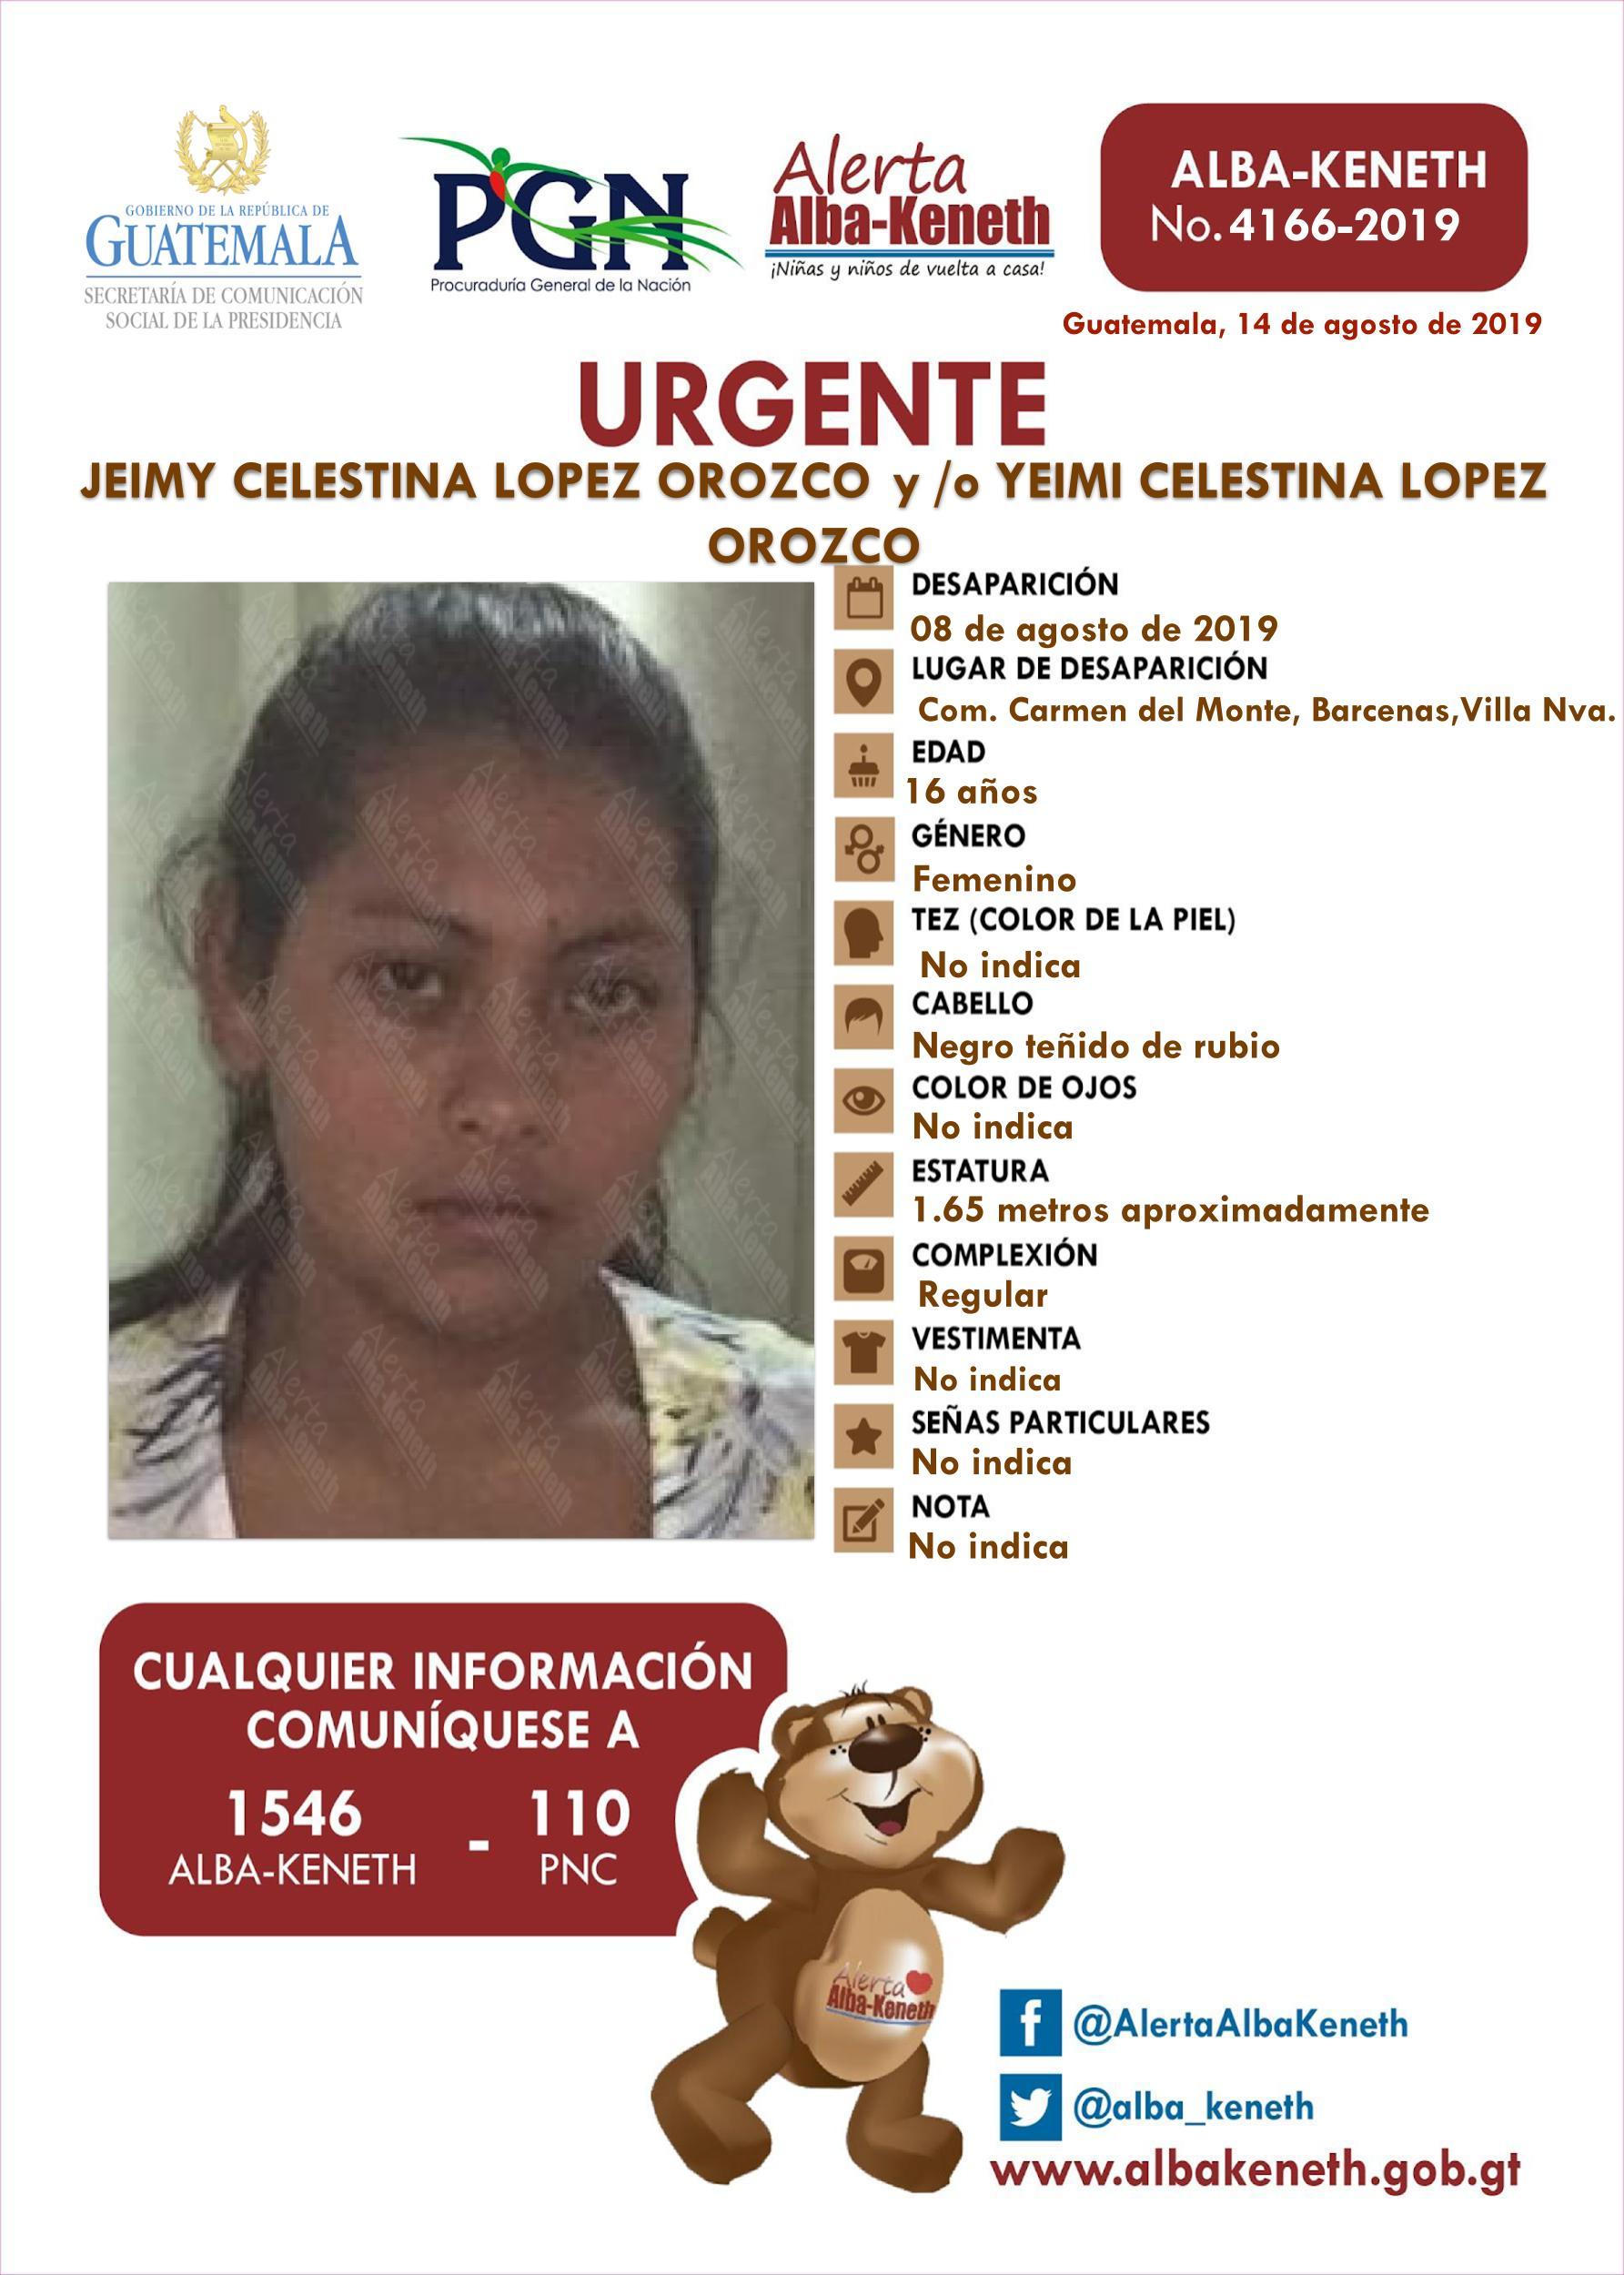 Jeimy Celestina Lopez Orozco y/o Yeimi Celestina